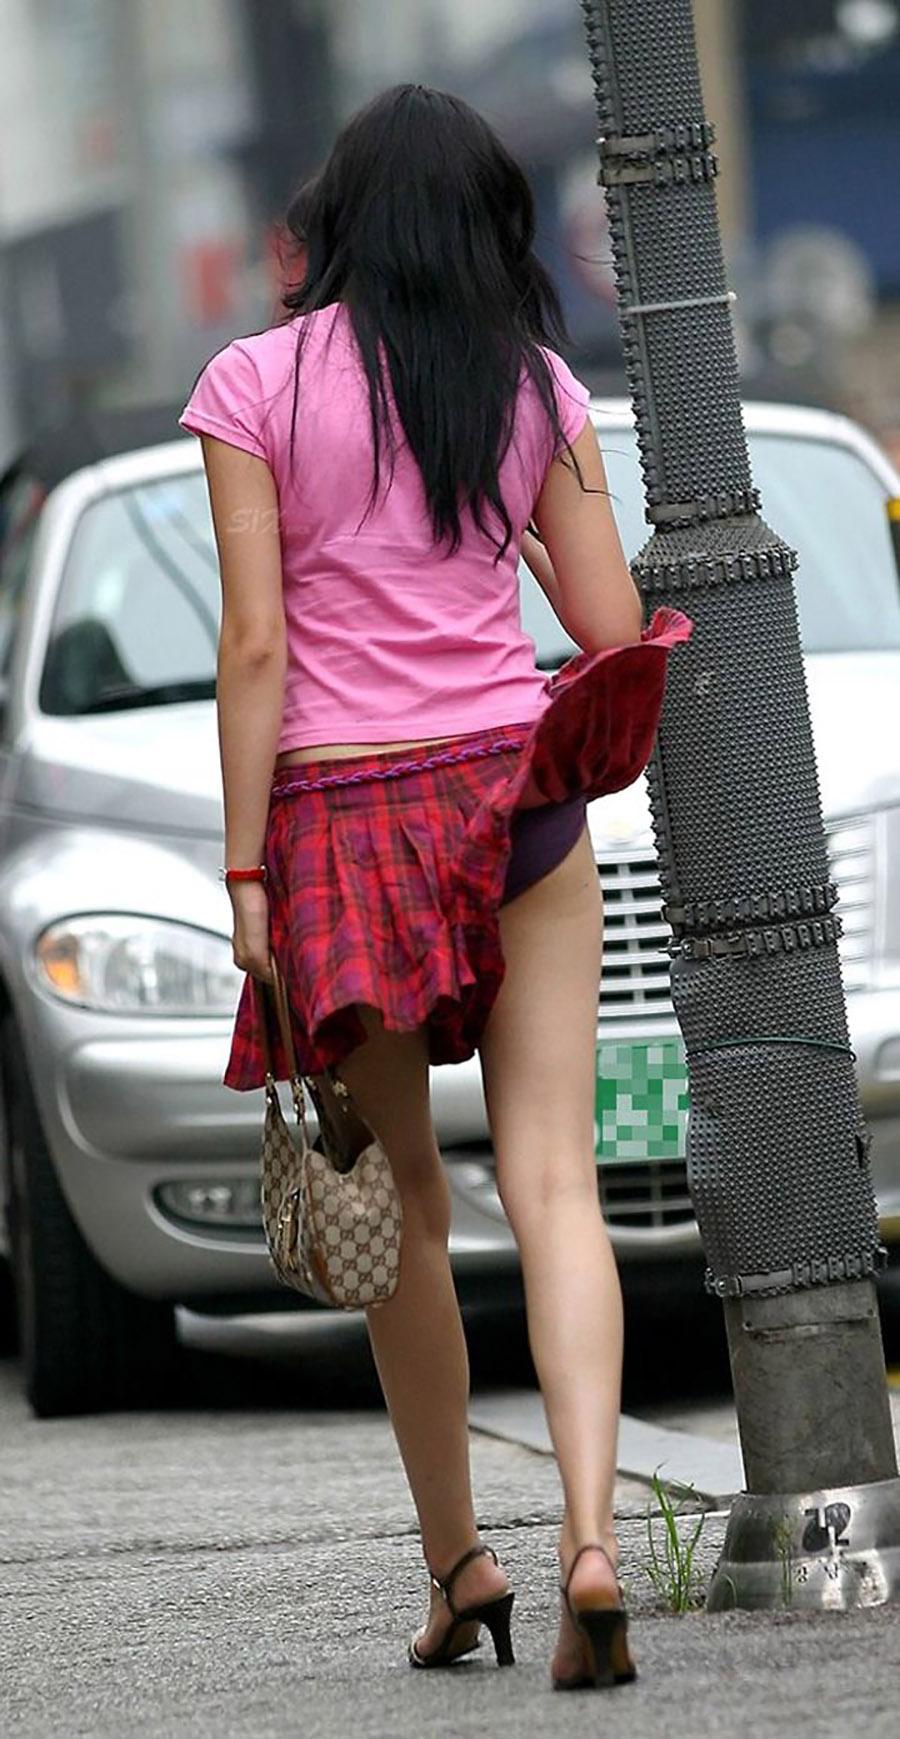 強風でスカートが捲れて紫色の下着が見える!